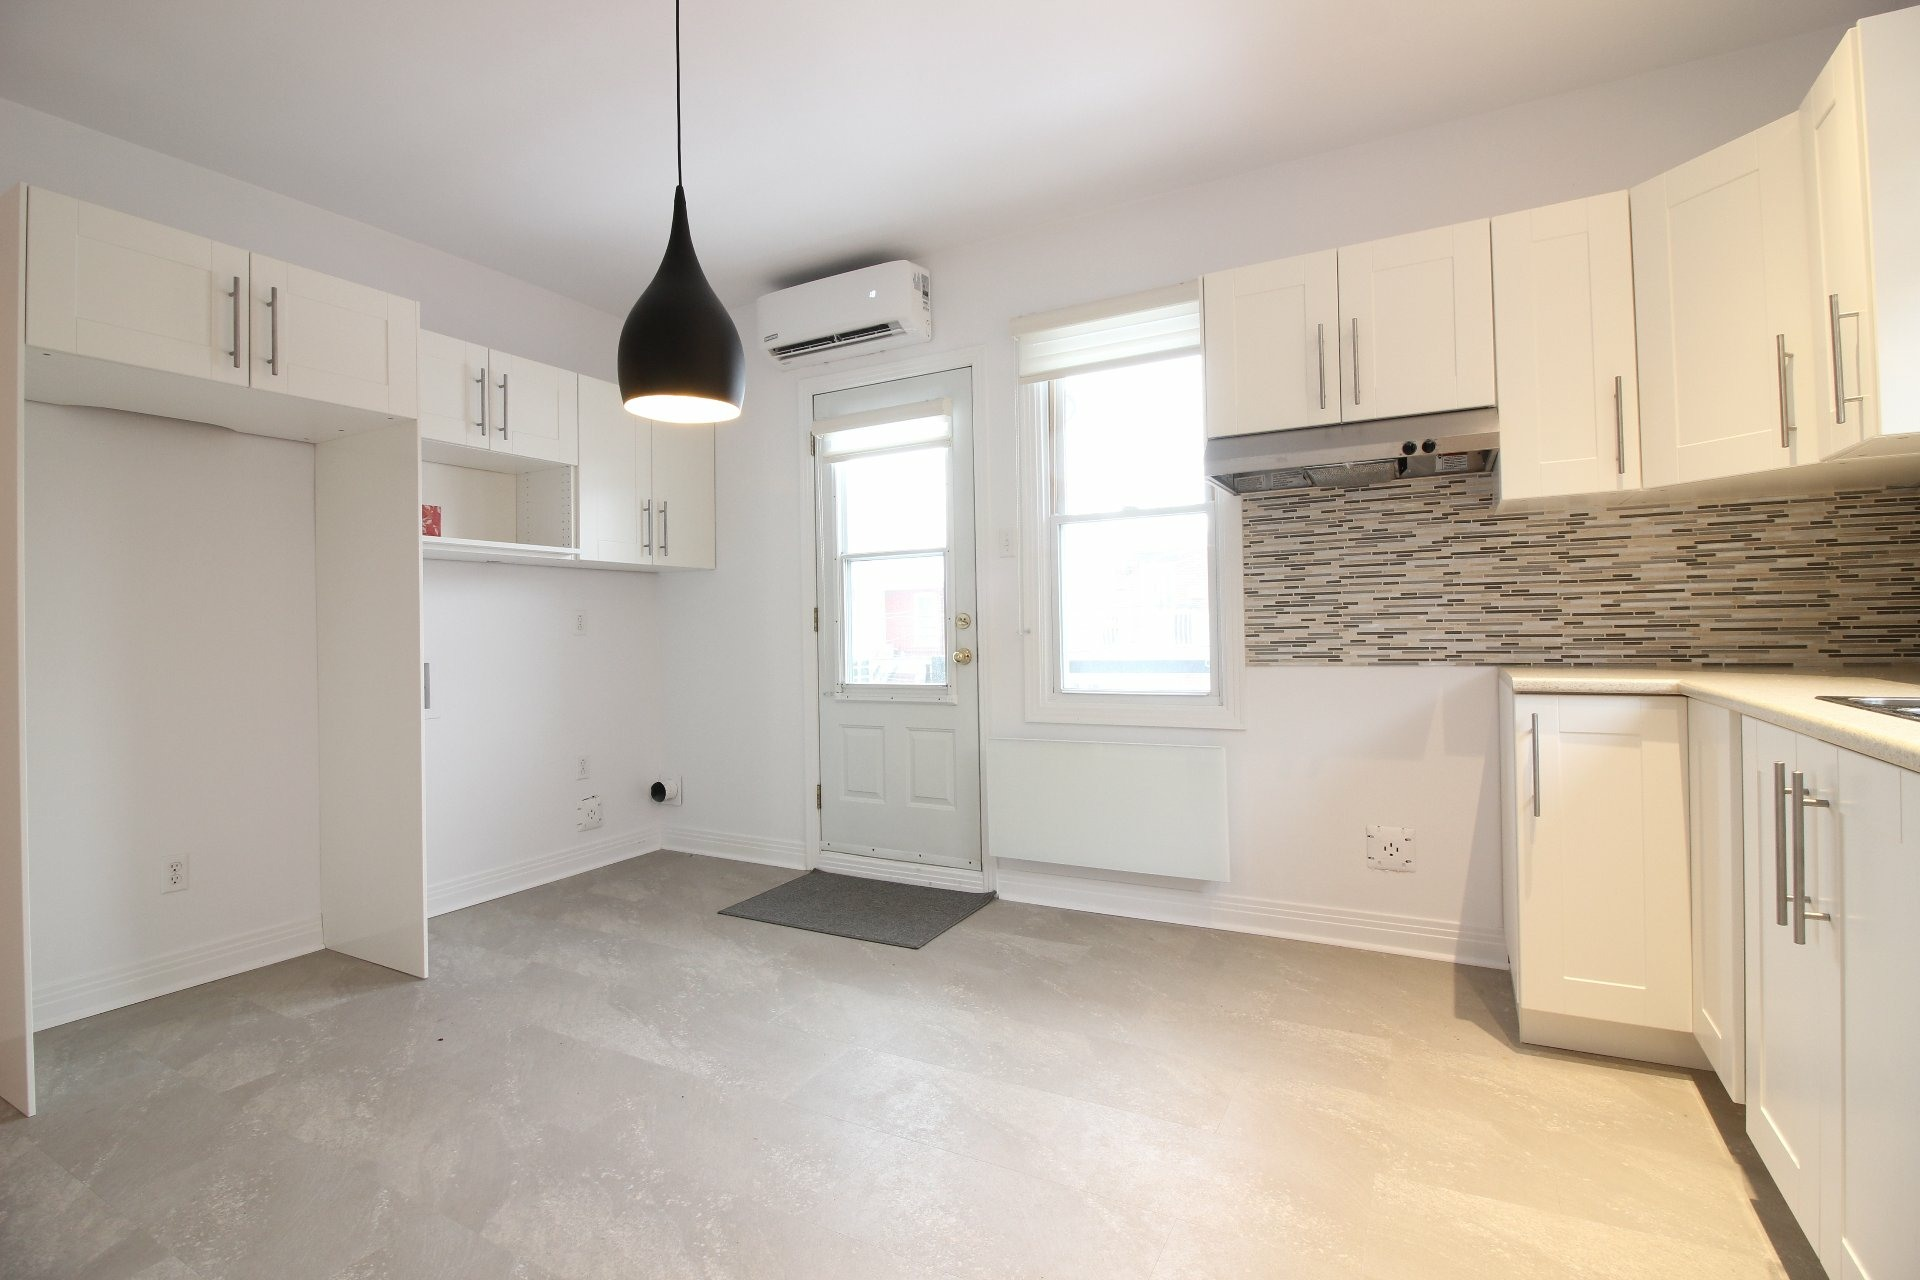 image 30 - Duplex À vendre Le Sud-Ouest Montréal  - 7 pièces